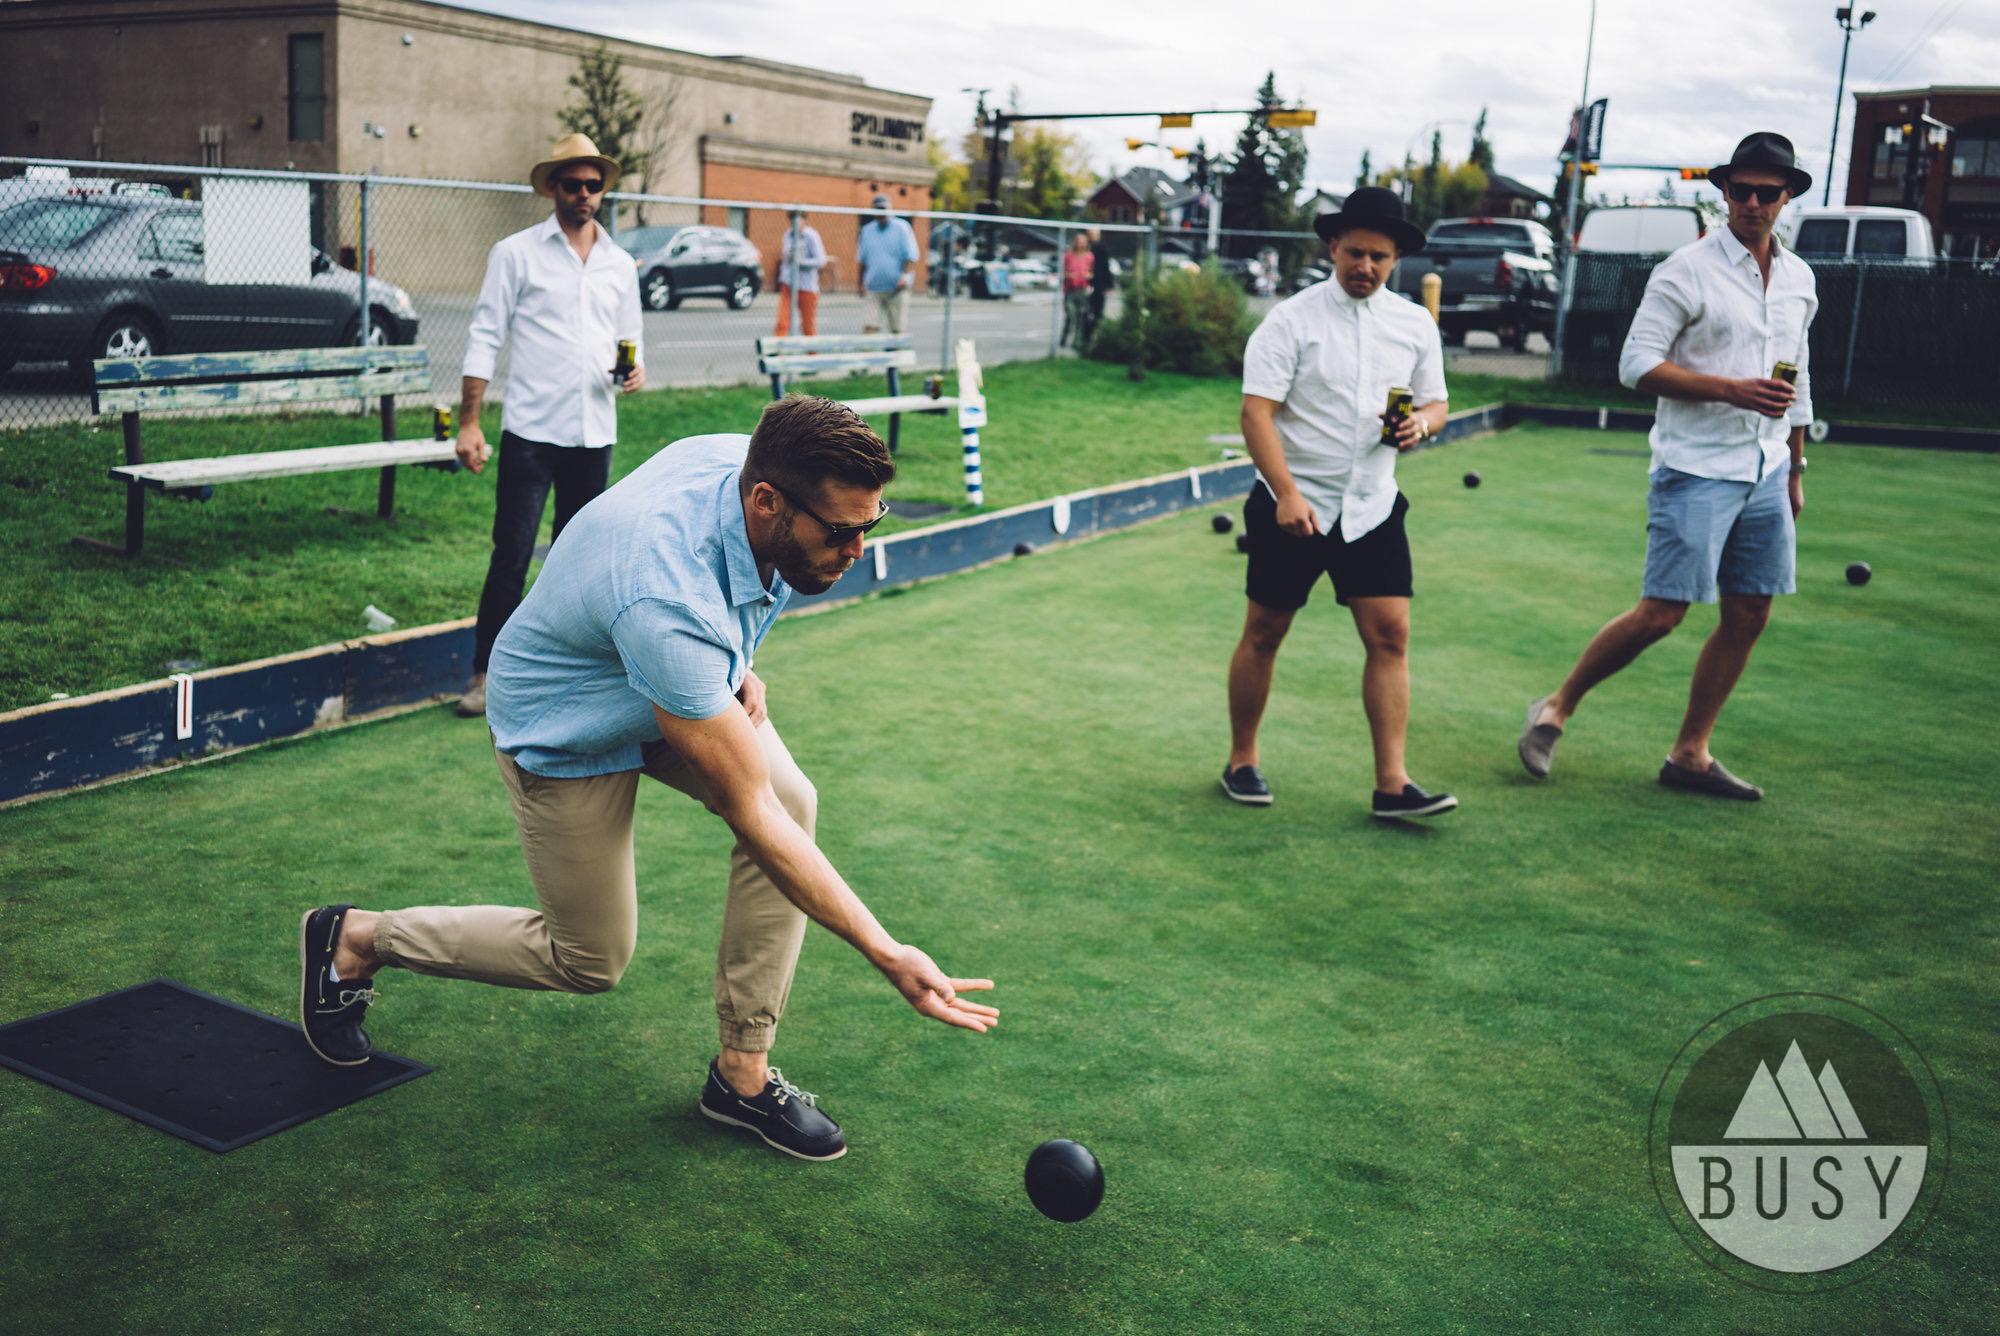 BUSY Lawn Bowling-07848.jpg